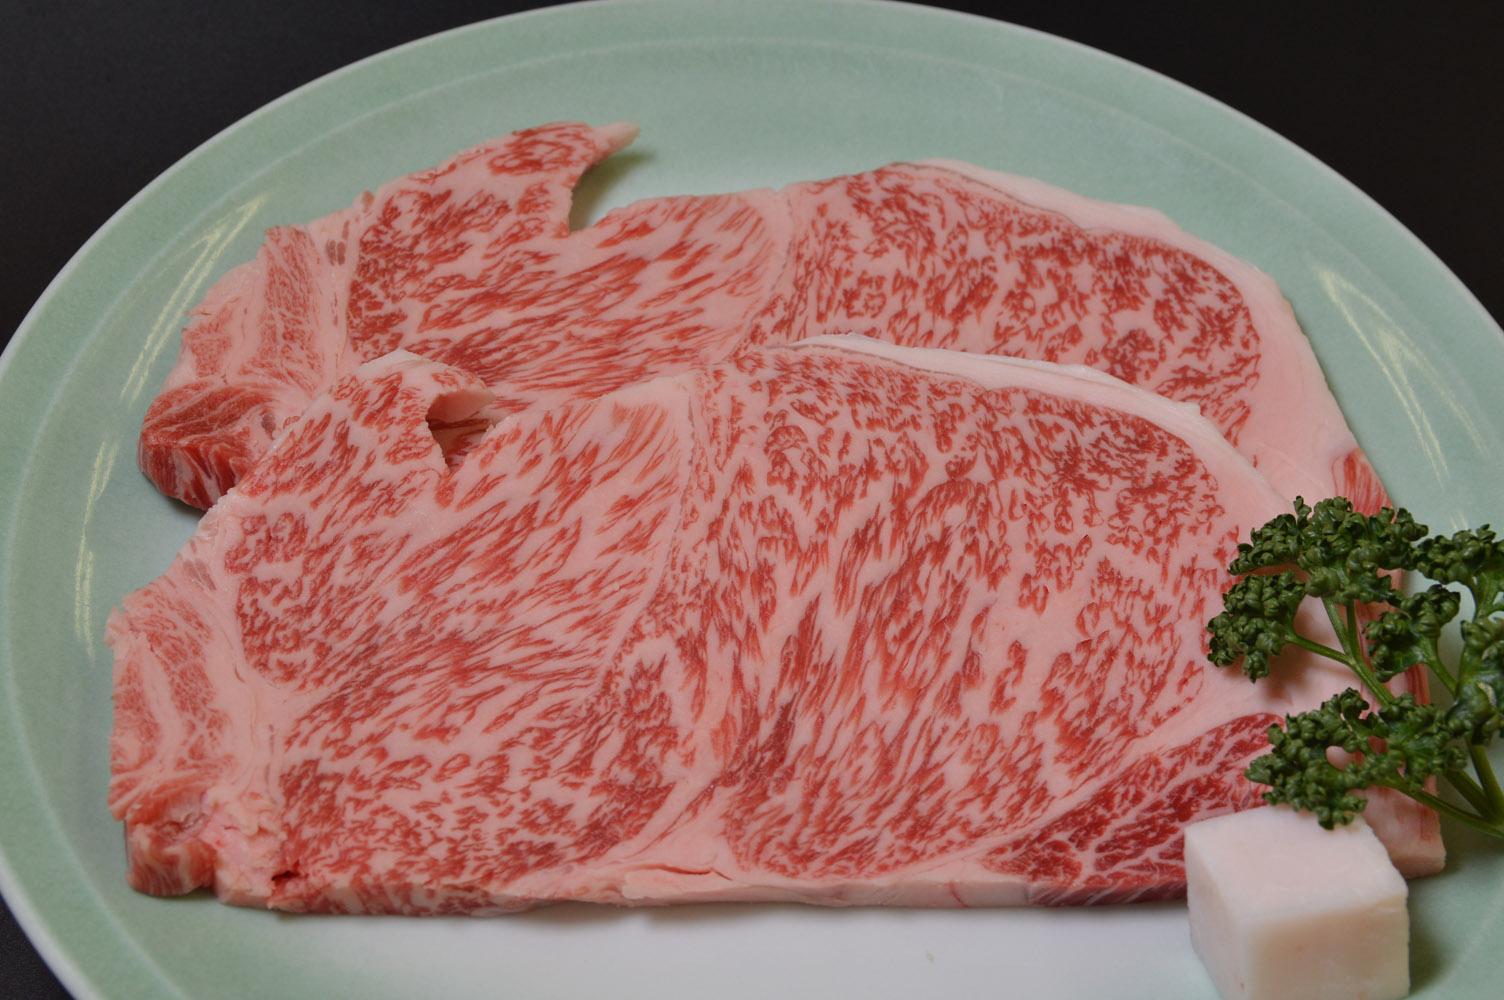 【ふるさと納税】<京都・モリタ屋>京都肉サーロインステーキ2枚(440g)、モモバラ焼肉380g